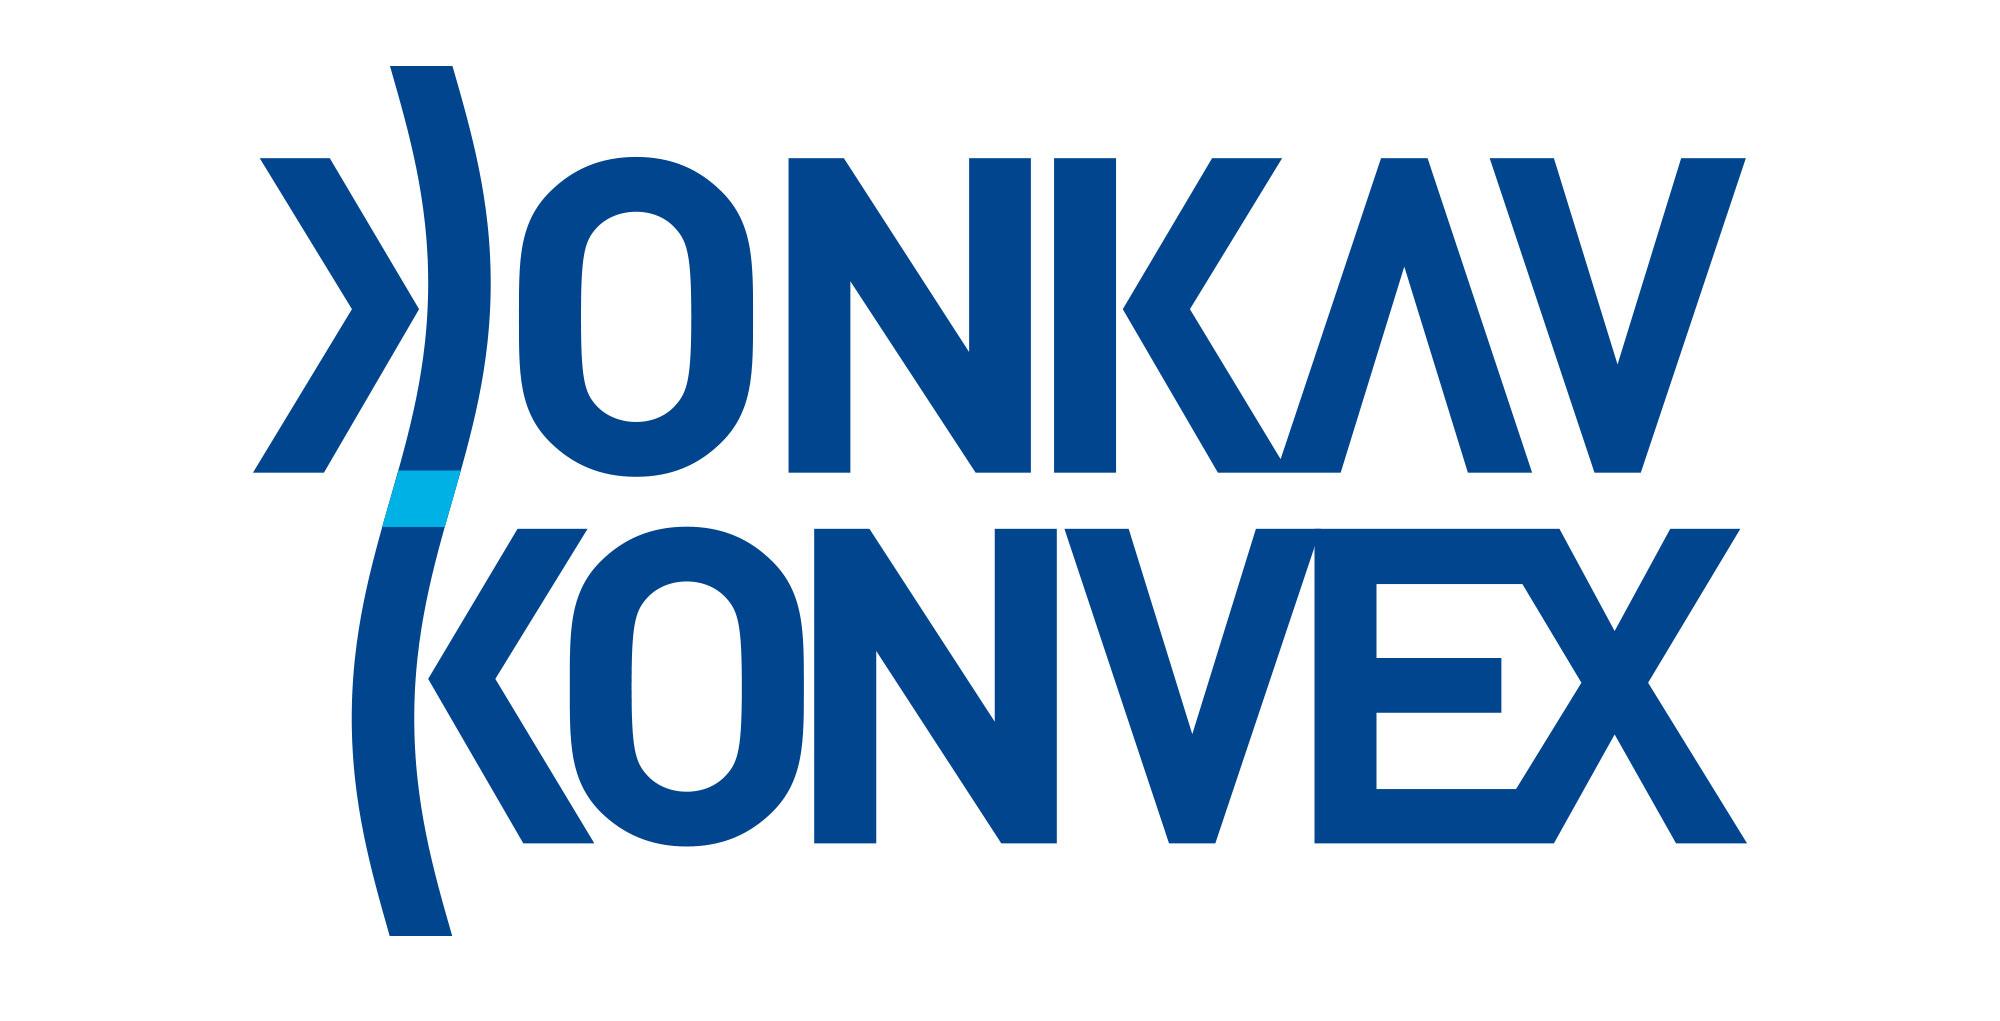 konkav konvex logo 1